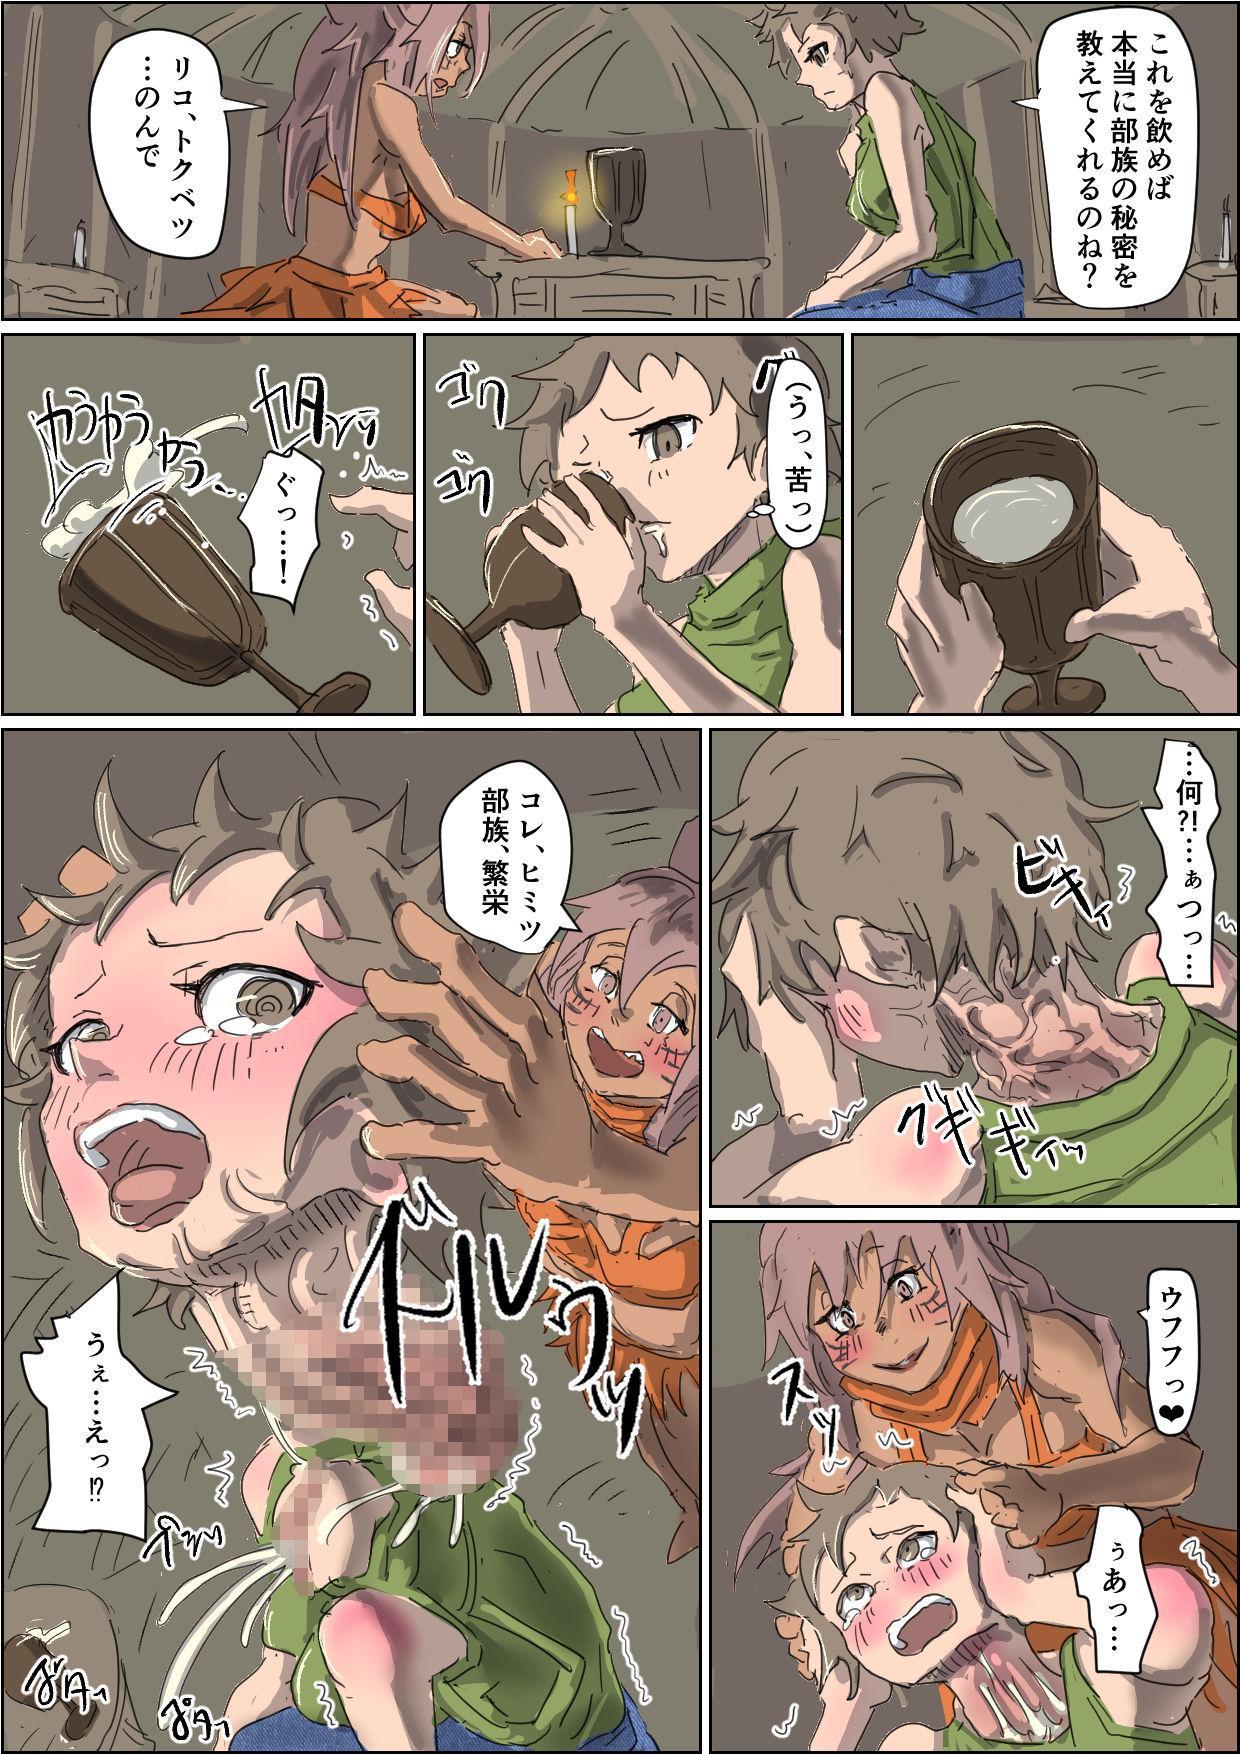 Kubi-chin Buzoku to Onna Kisha 1